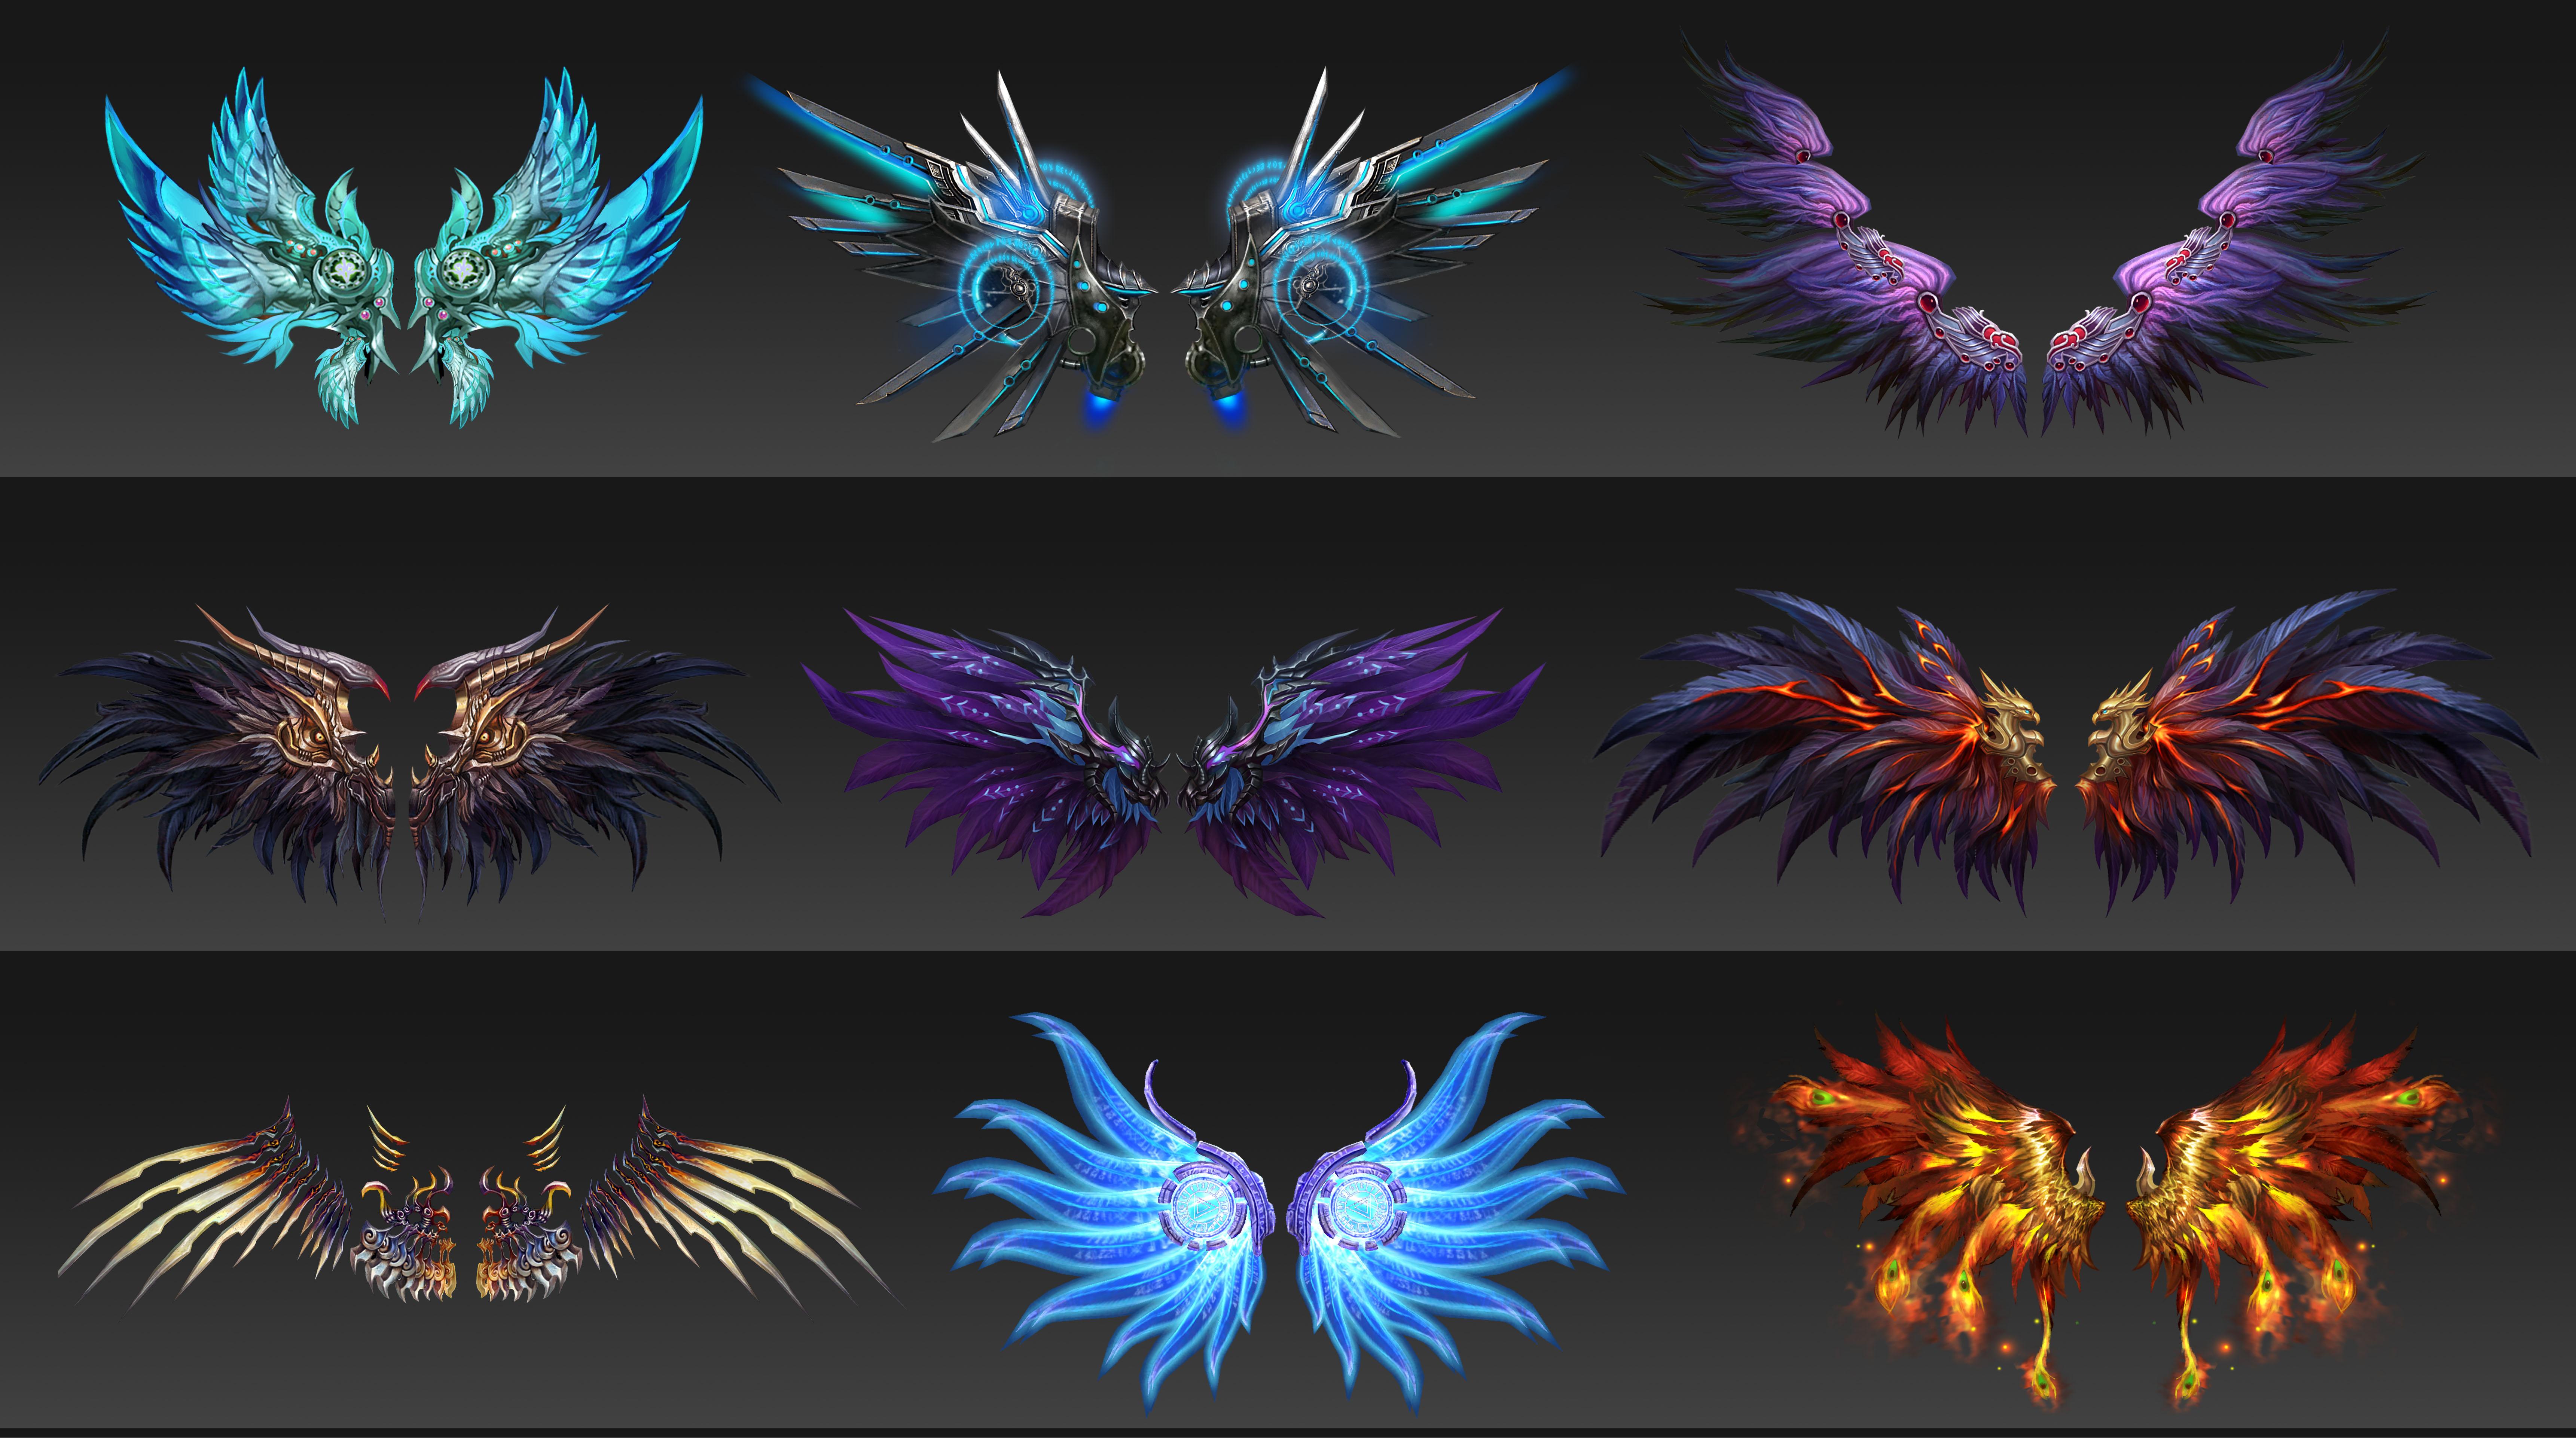 精美模型鉴赏   职业翅膀: 付费翅膀: 法宝合集: 战士武器: 弓手武器